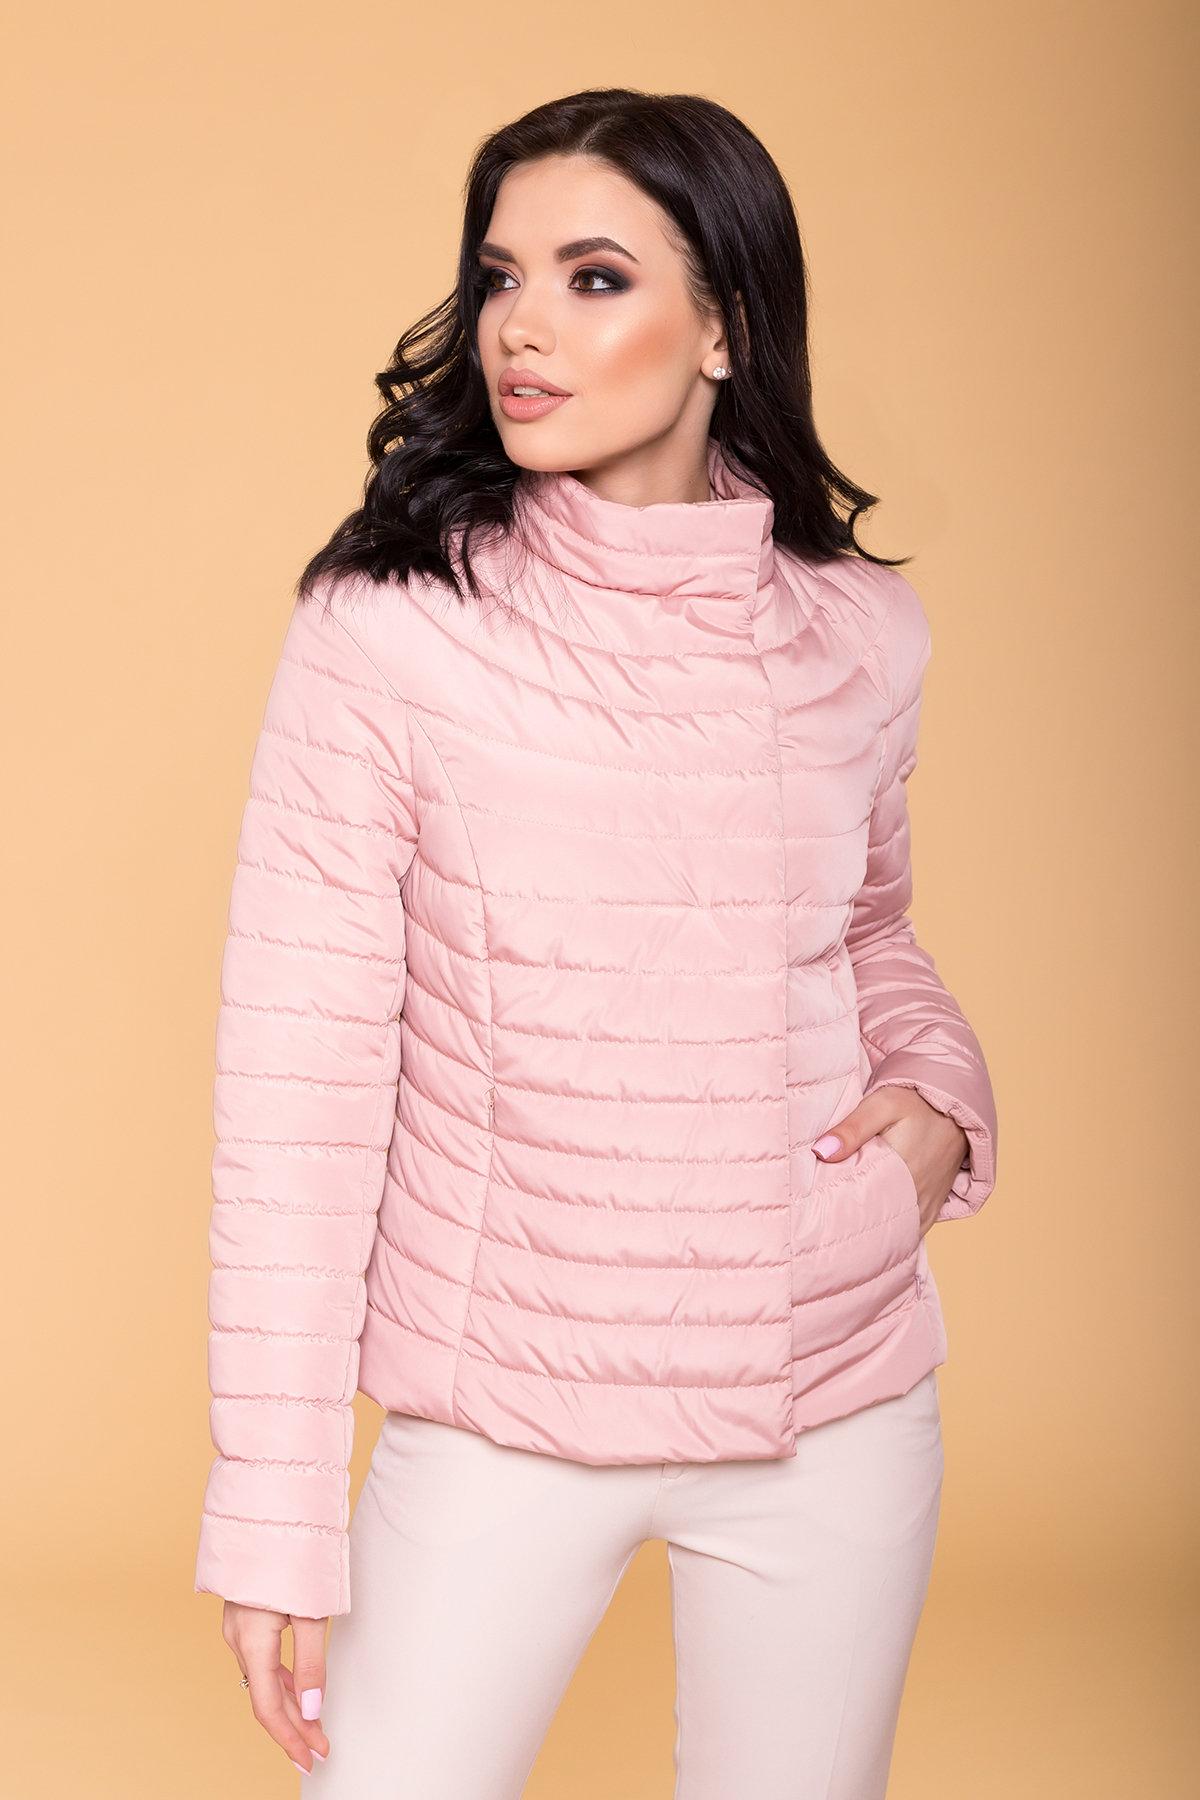 Куртка Флориса лайт 6416 АРТ. 41333 Цвет: Пудра - фото 4, интернет магазин tm-modus.ru